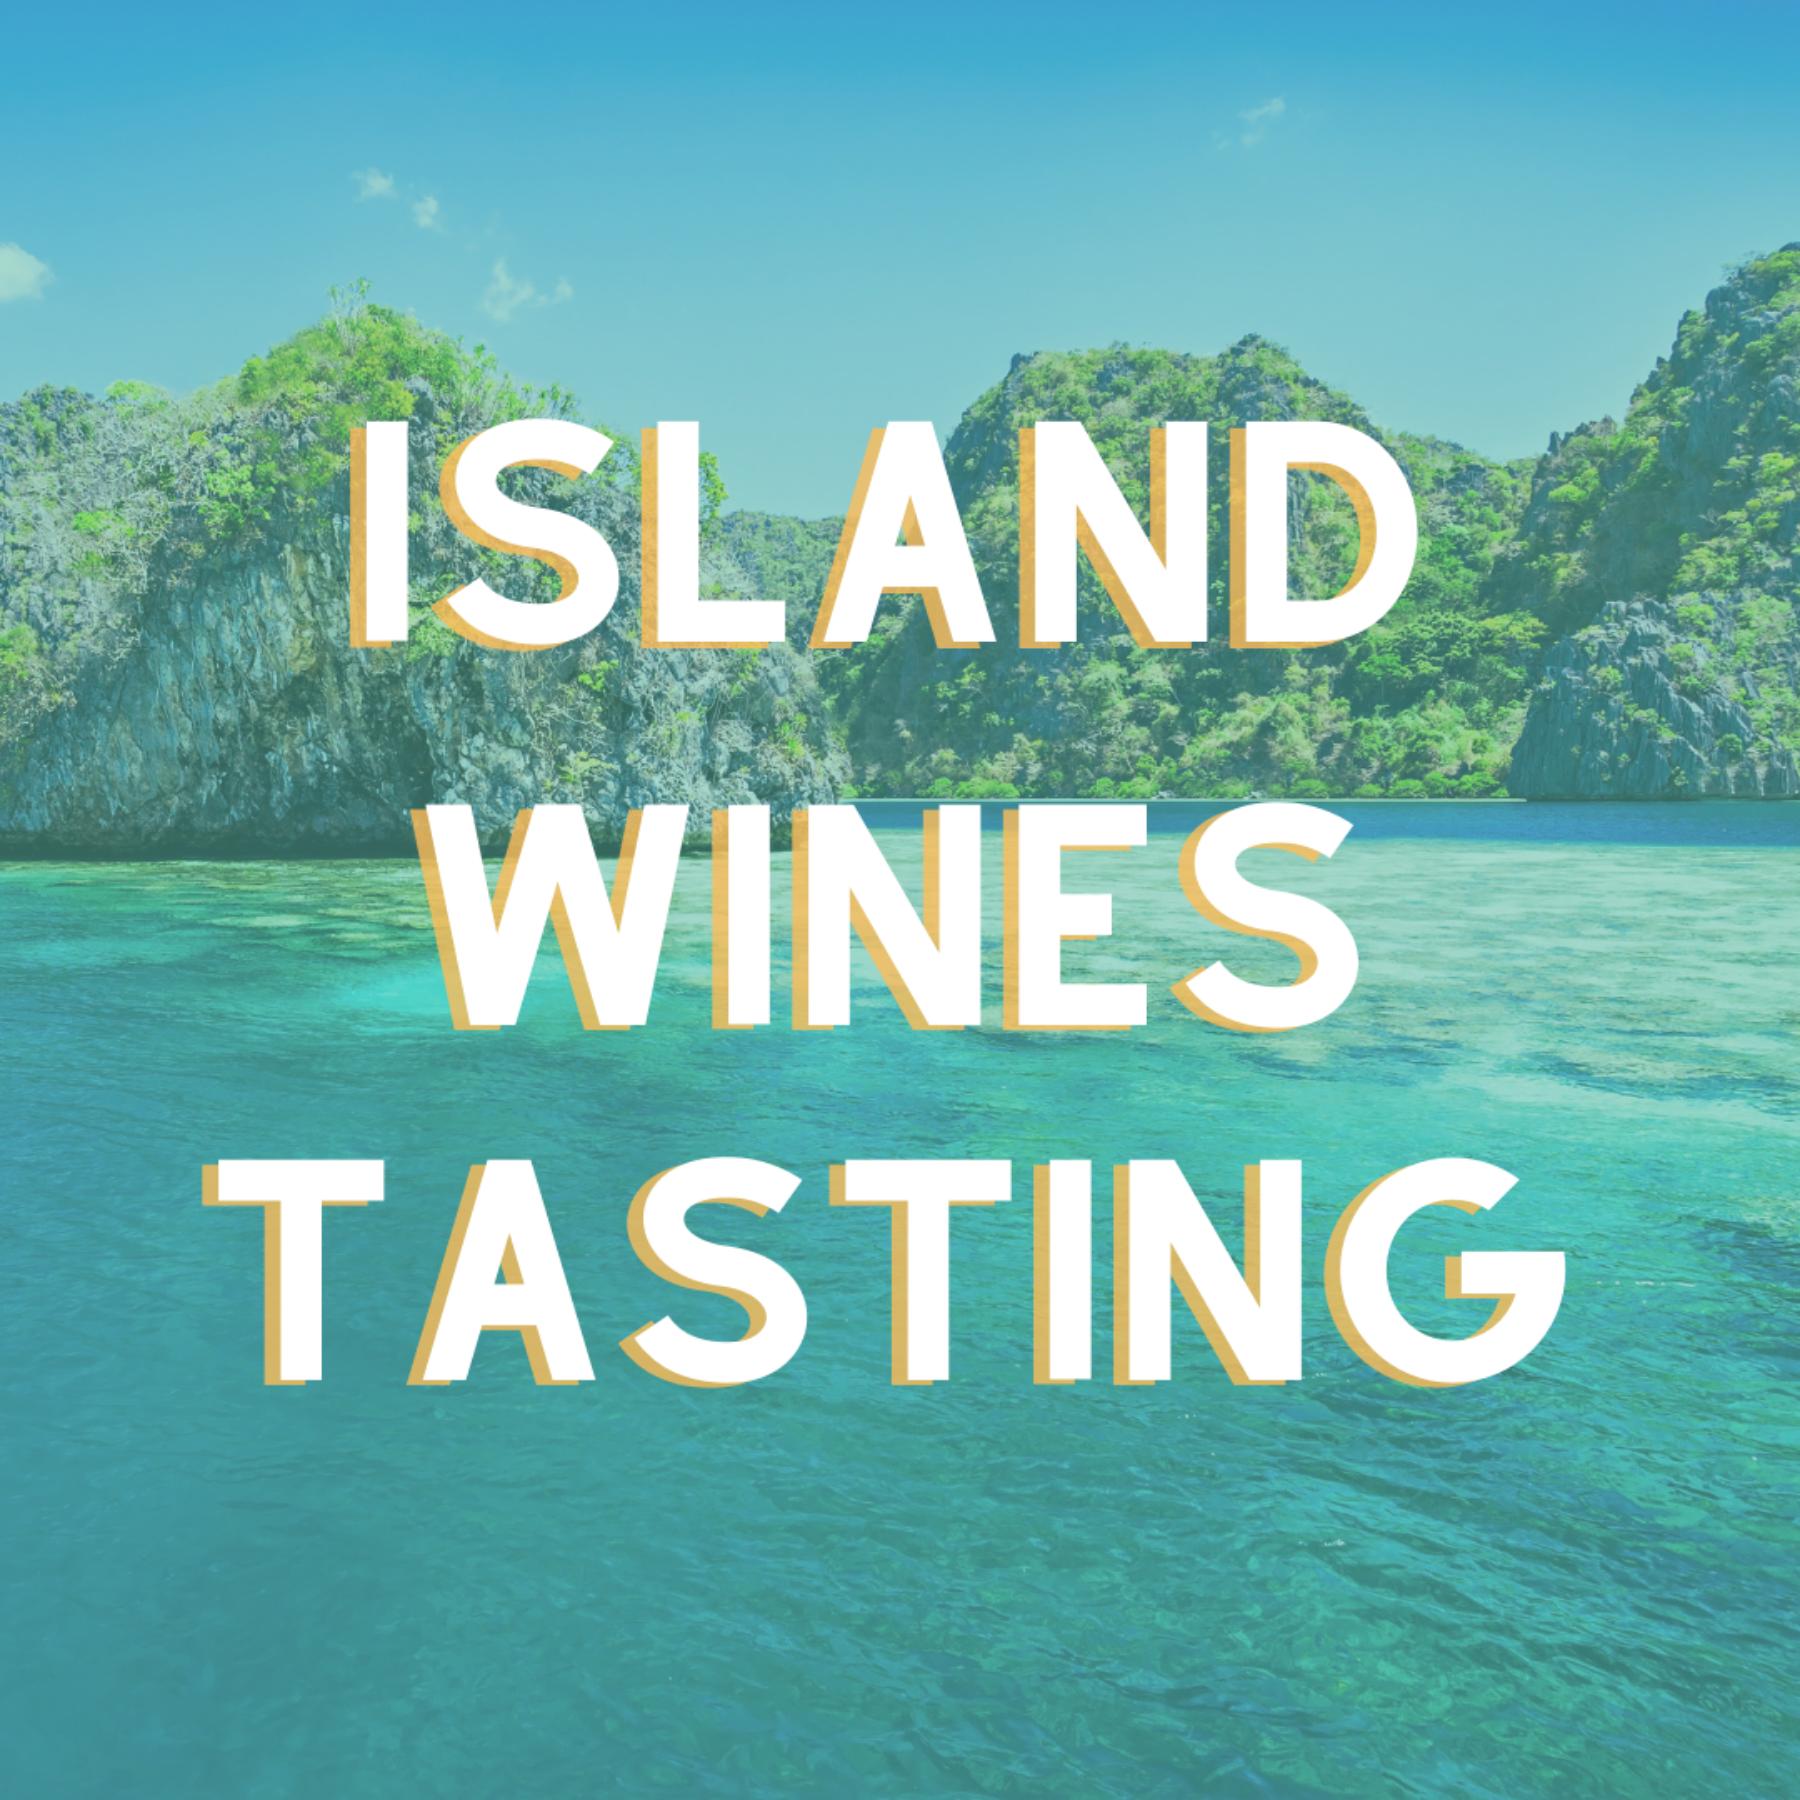 Island Wines - a Virtual Wine Tasting Series